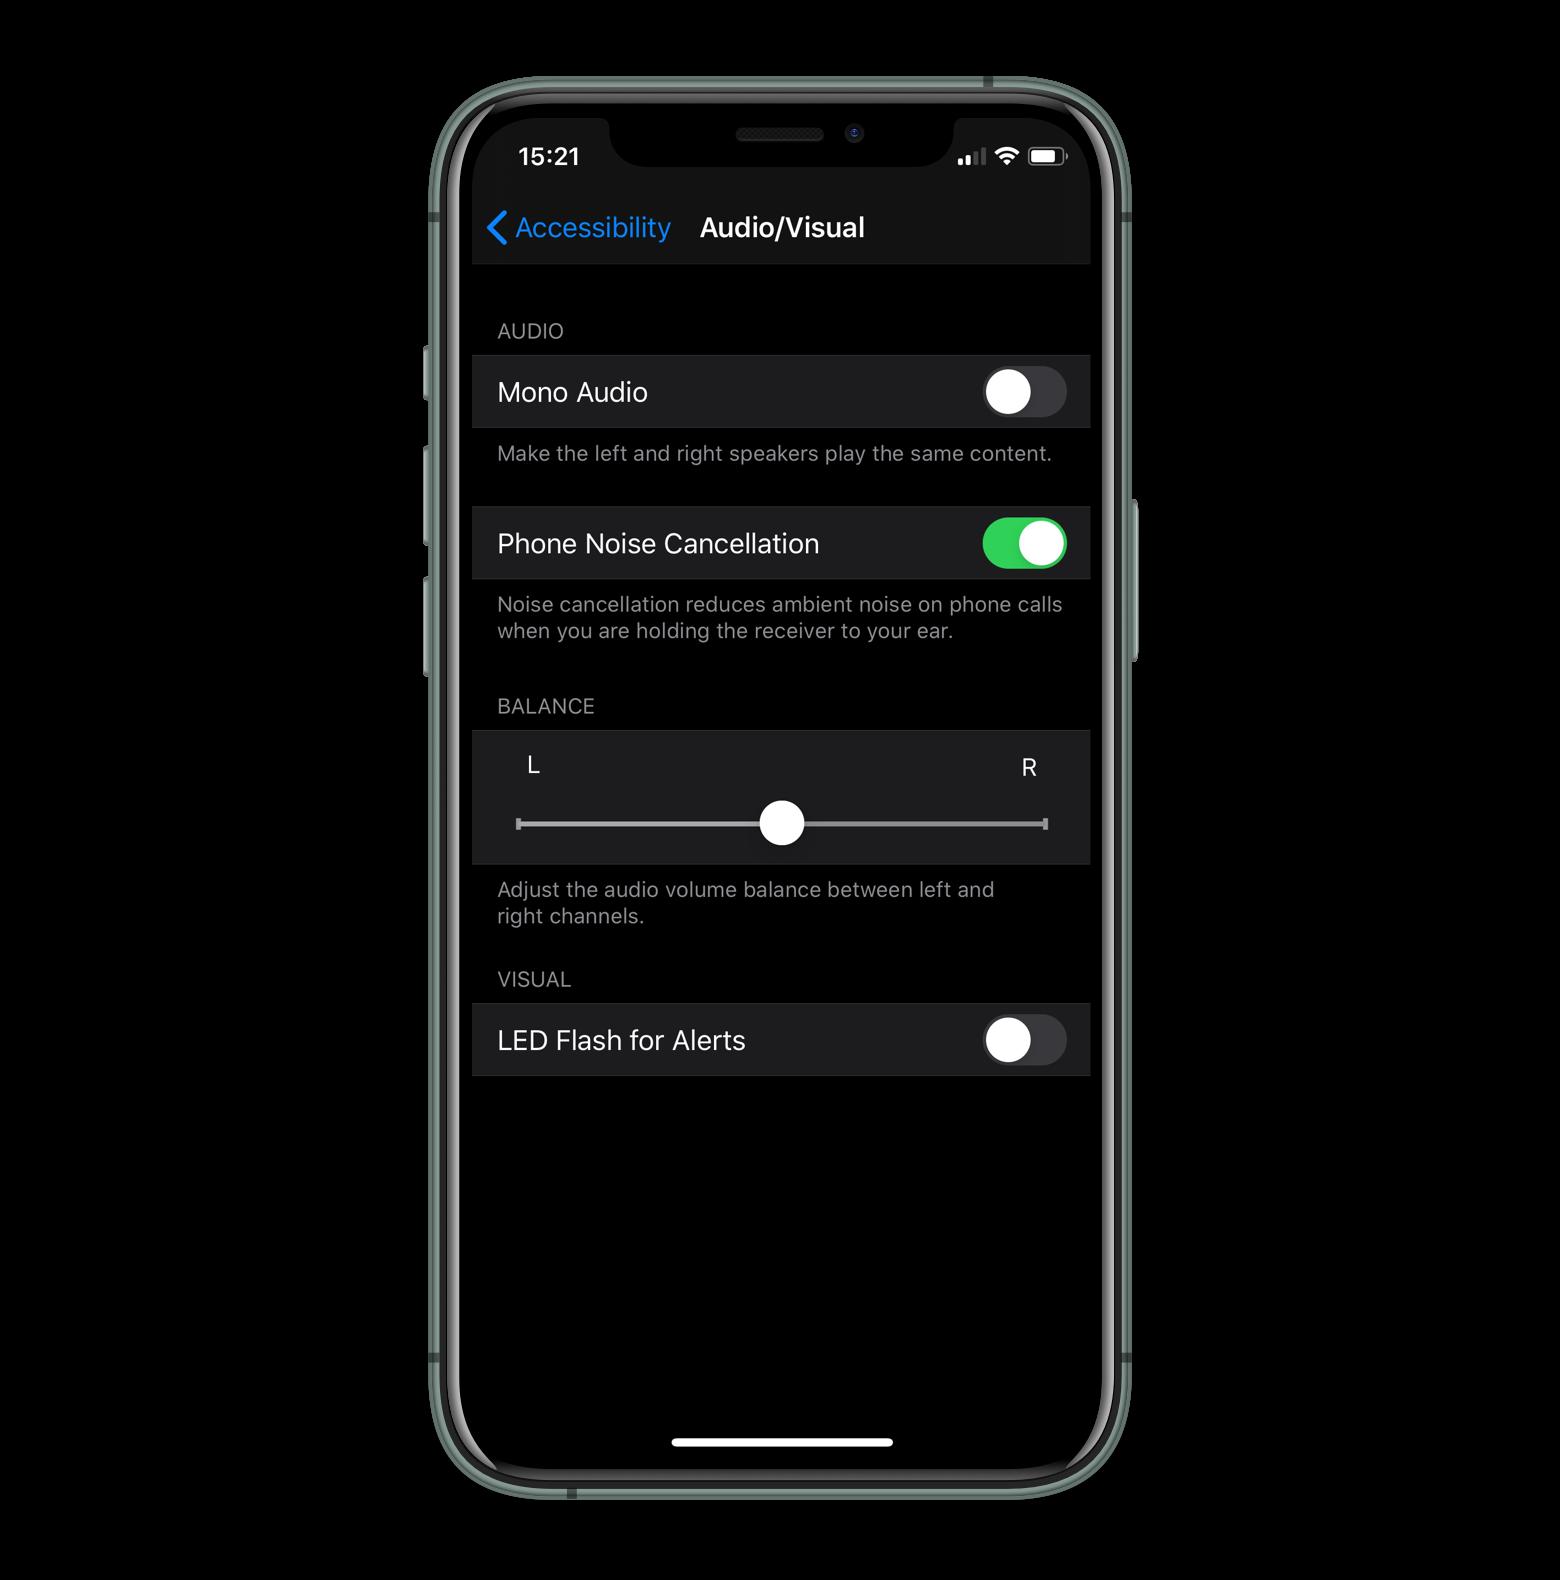 stereo balance on an iOS device